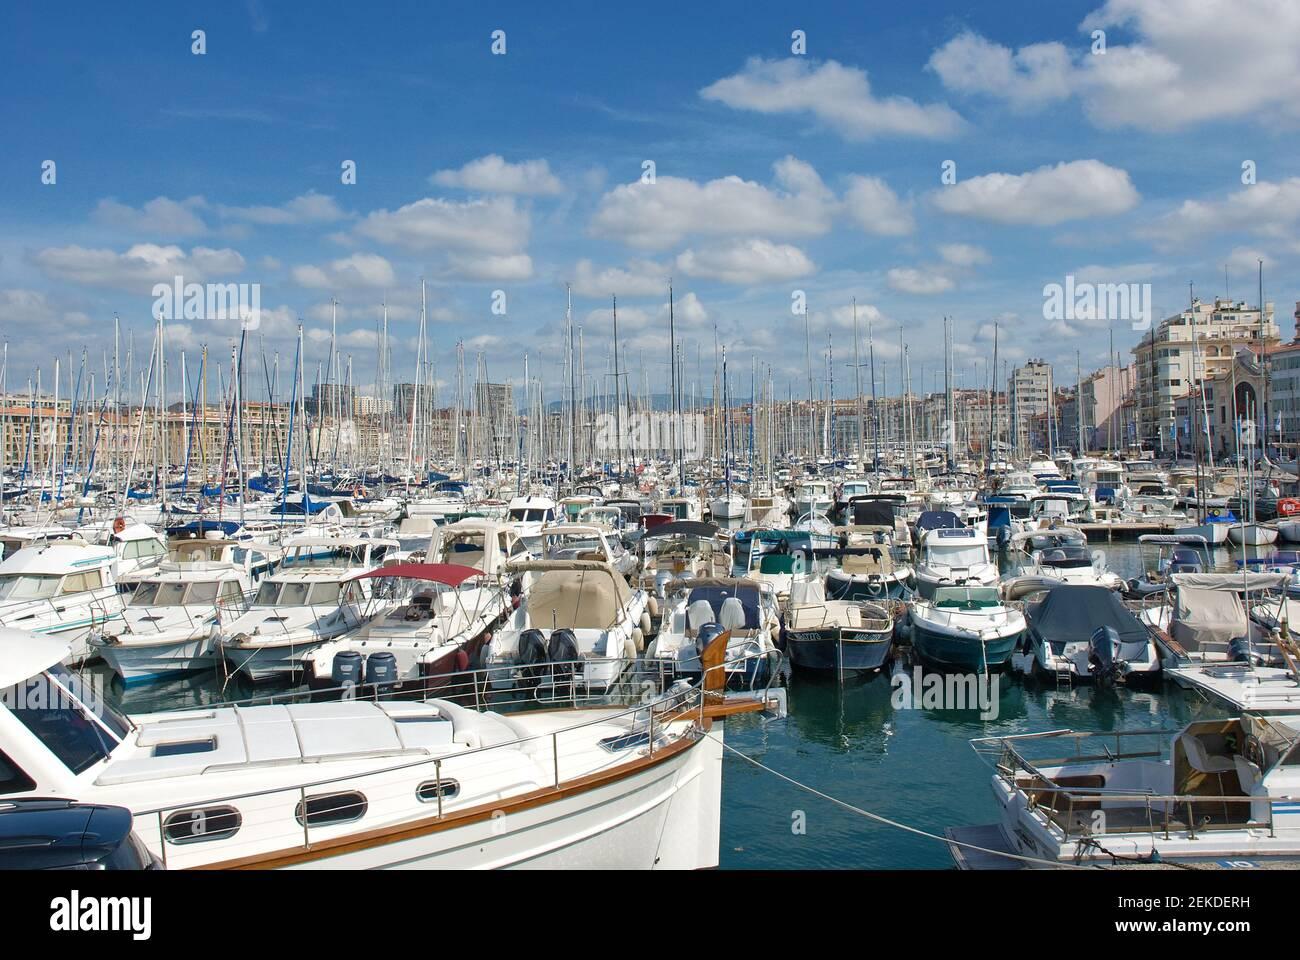 Le vieux port de Marseille (Vieux Port) à Marseille, Bouches-du-Rhône, Provence, France Banque D'Images